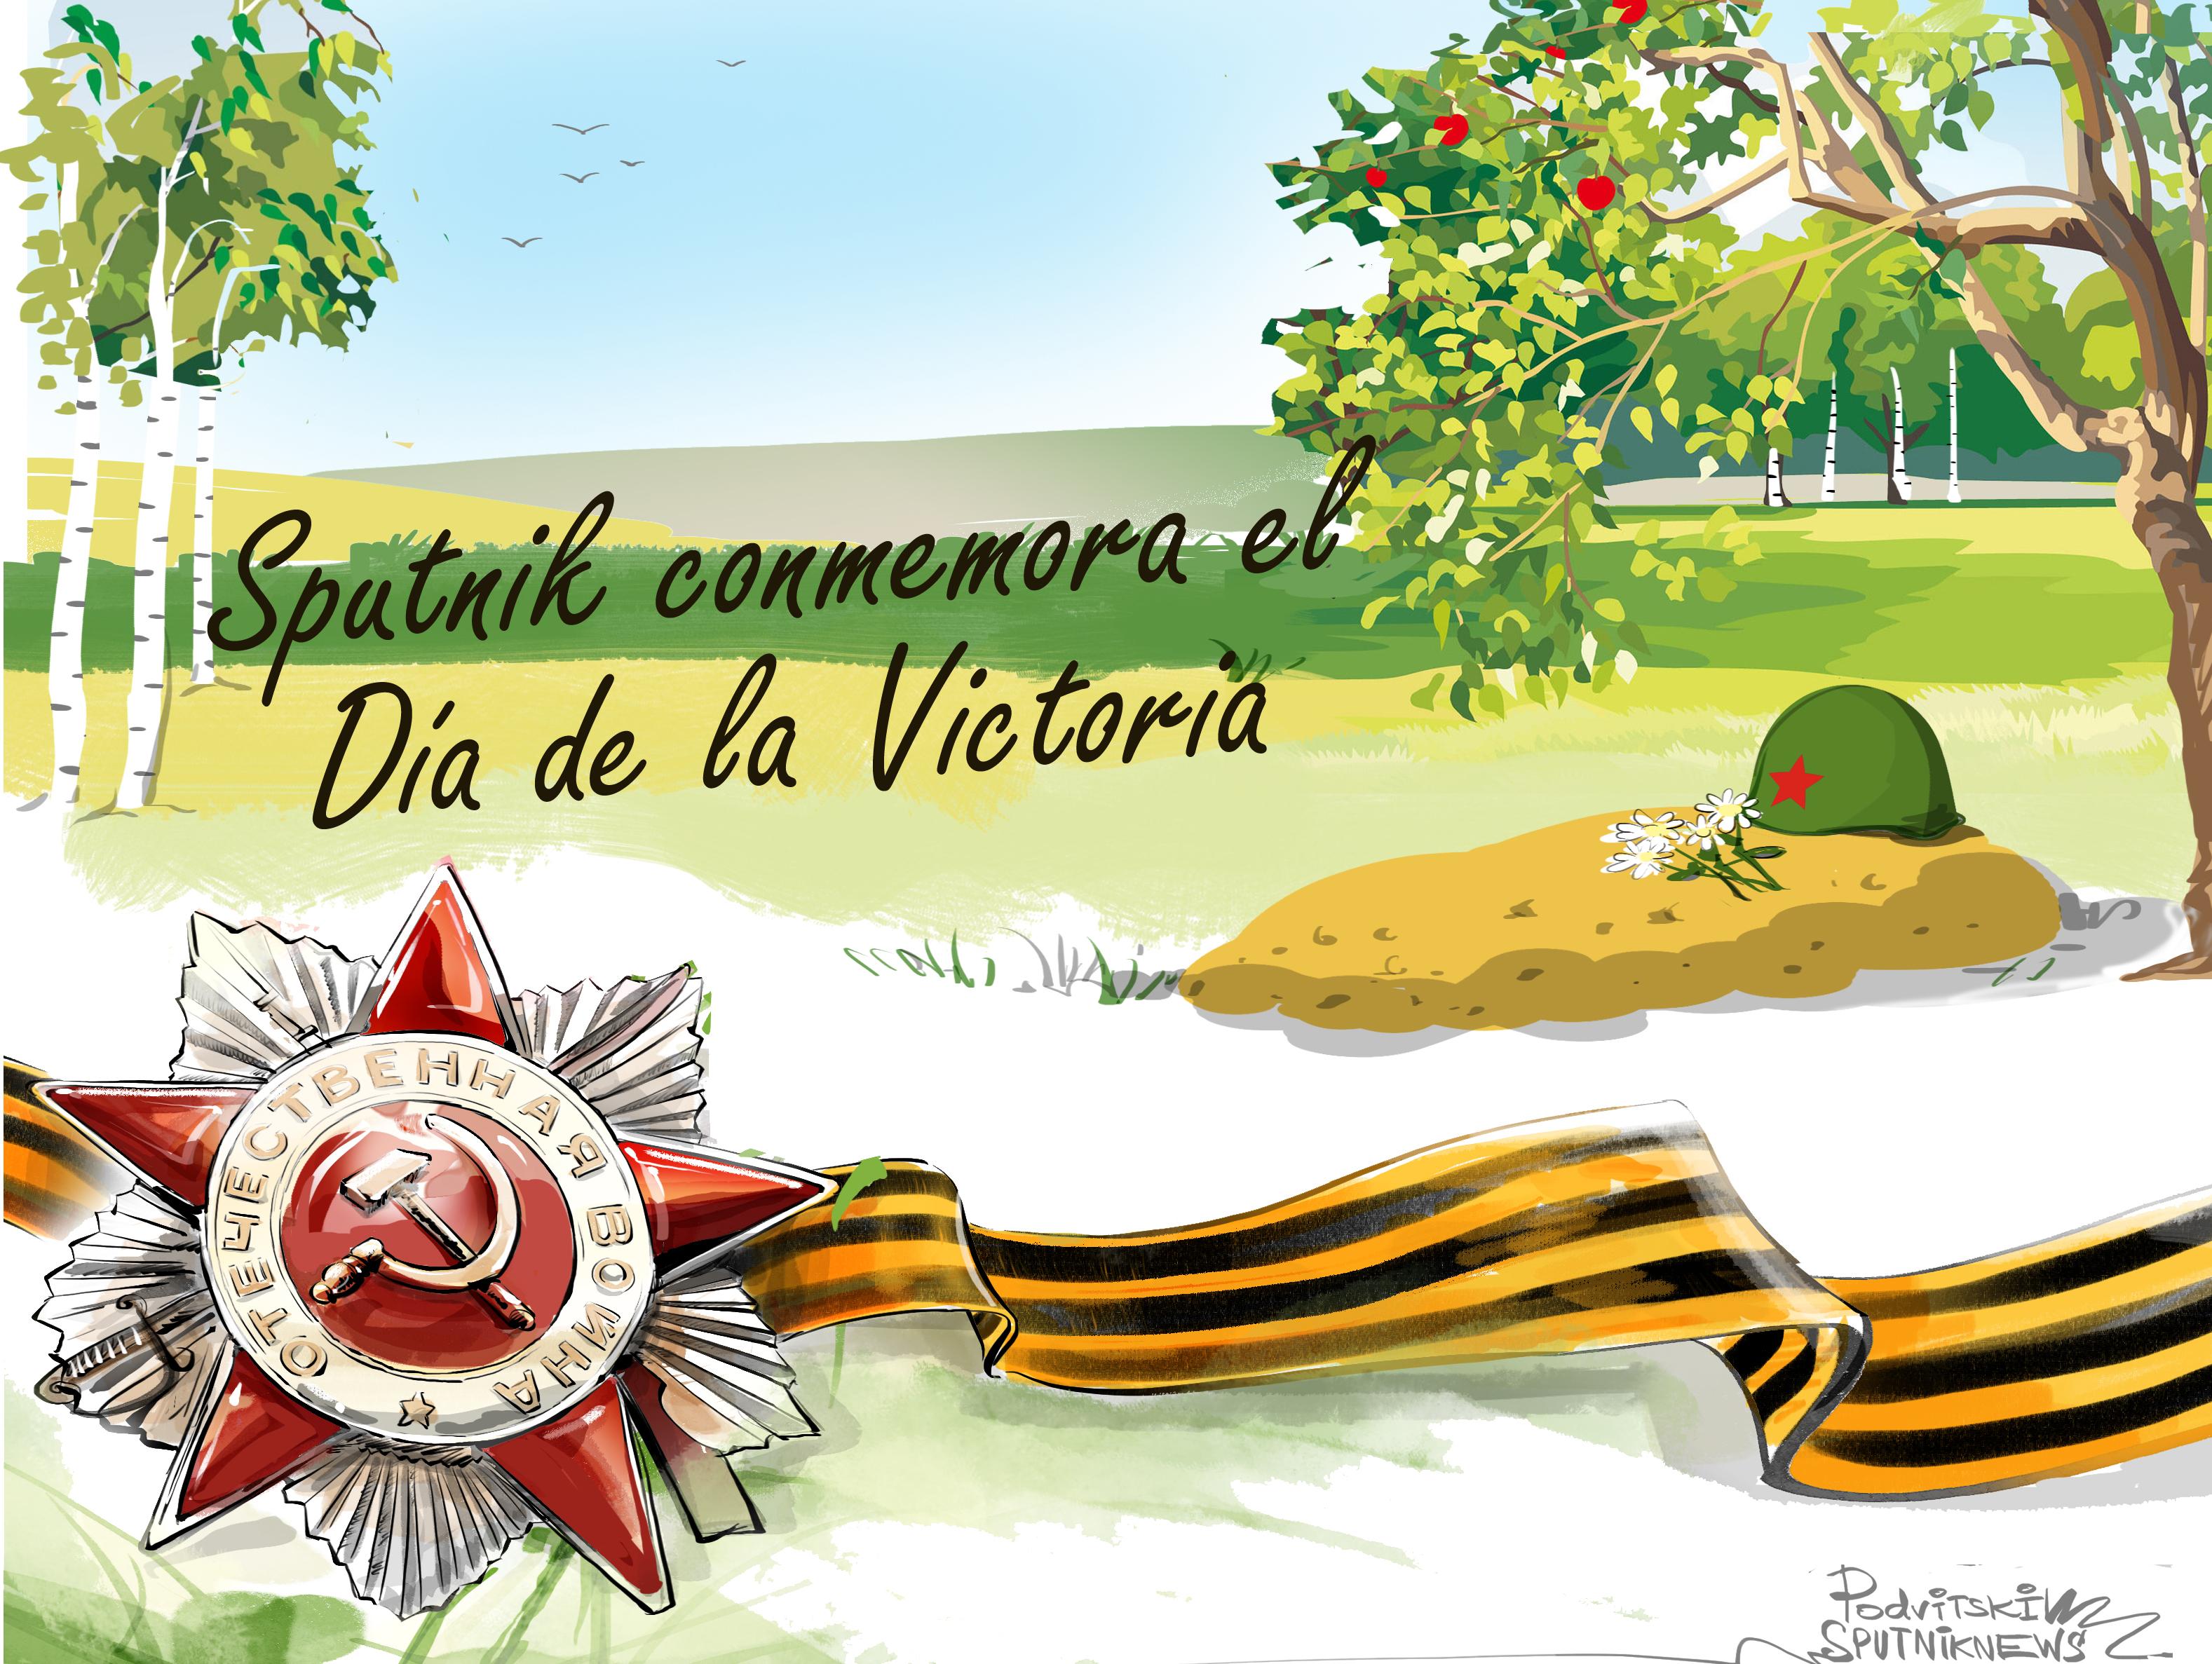 Sputnik da las gracias a los veteranos de la Gran Guerra Patria (imágenes)